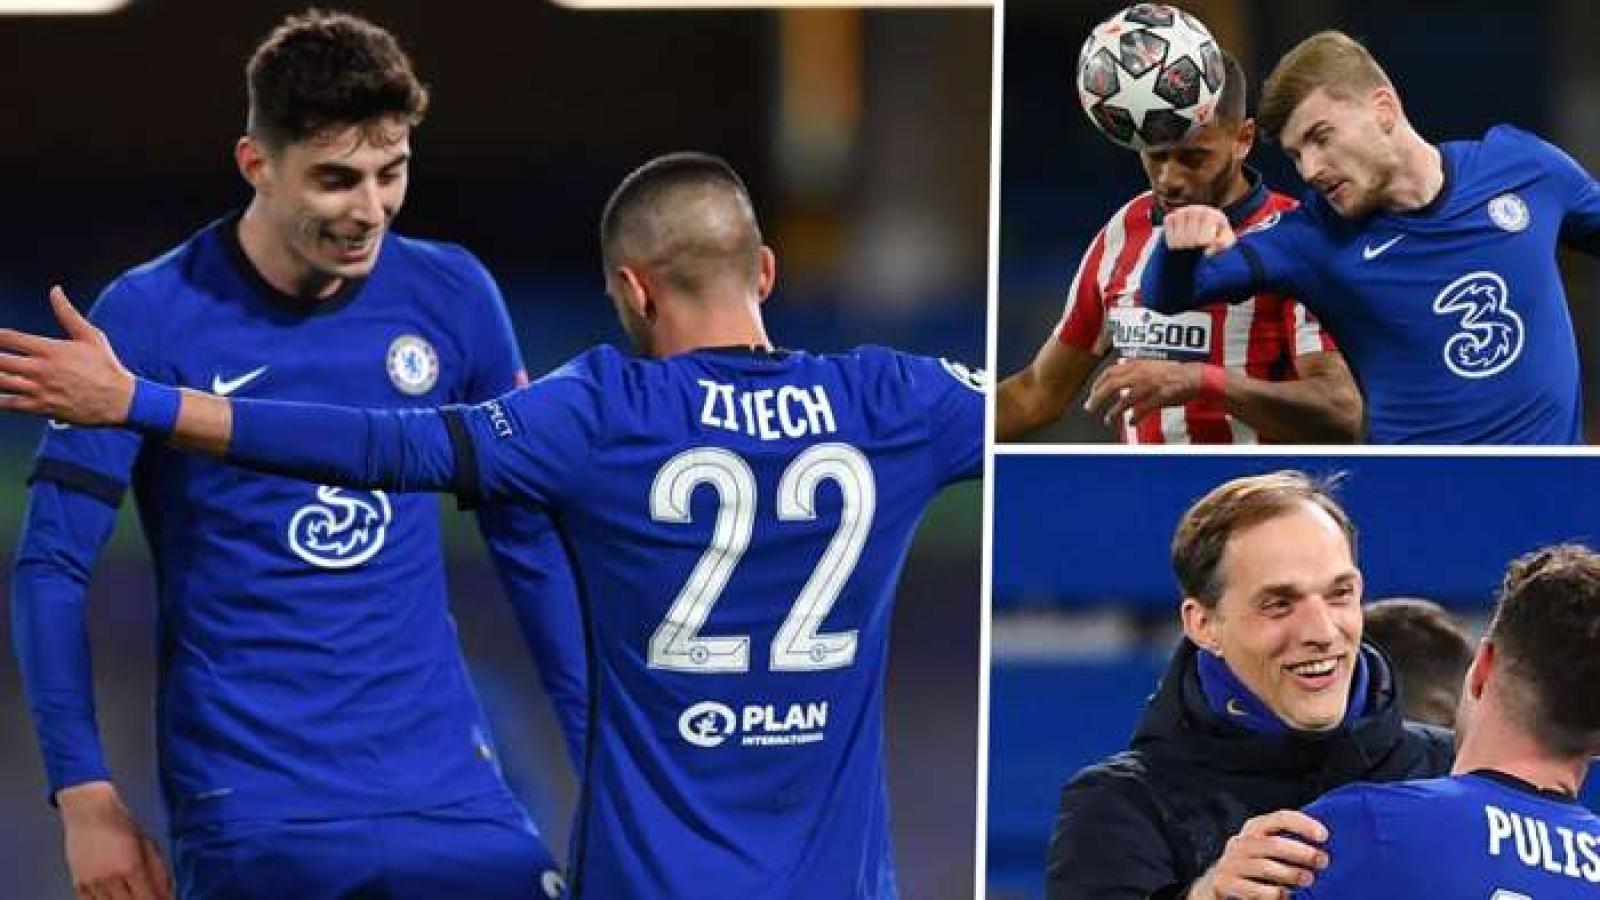 HLV Tuchel lớn tiếng thách thức các đối thủ ở Champions League